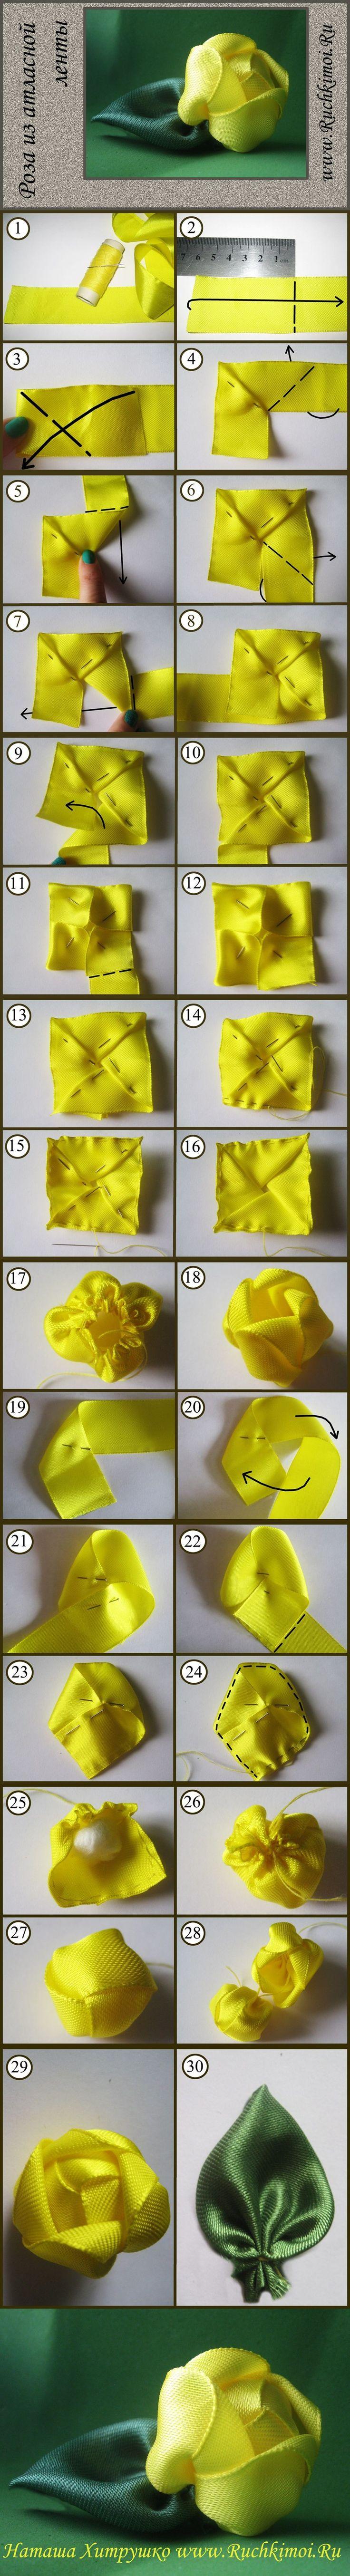 Бутон розы из атласной ленты своими руками. Подробное описание здесь http://www.ruchkimoi.ru/buton-rozyi-iz-atlasnoy-lentyi-svoimi-rukami/